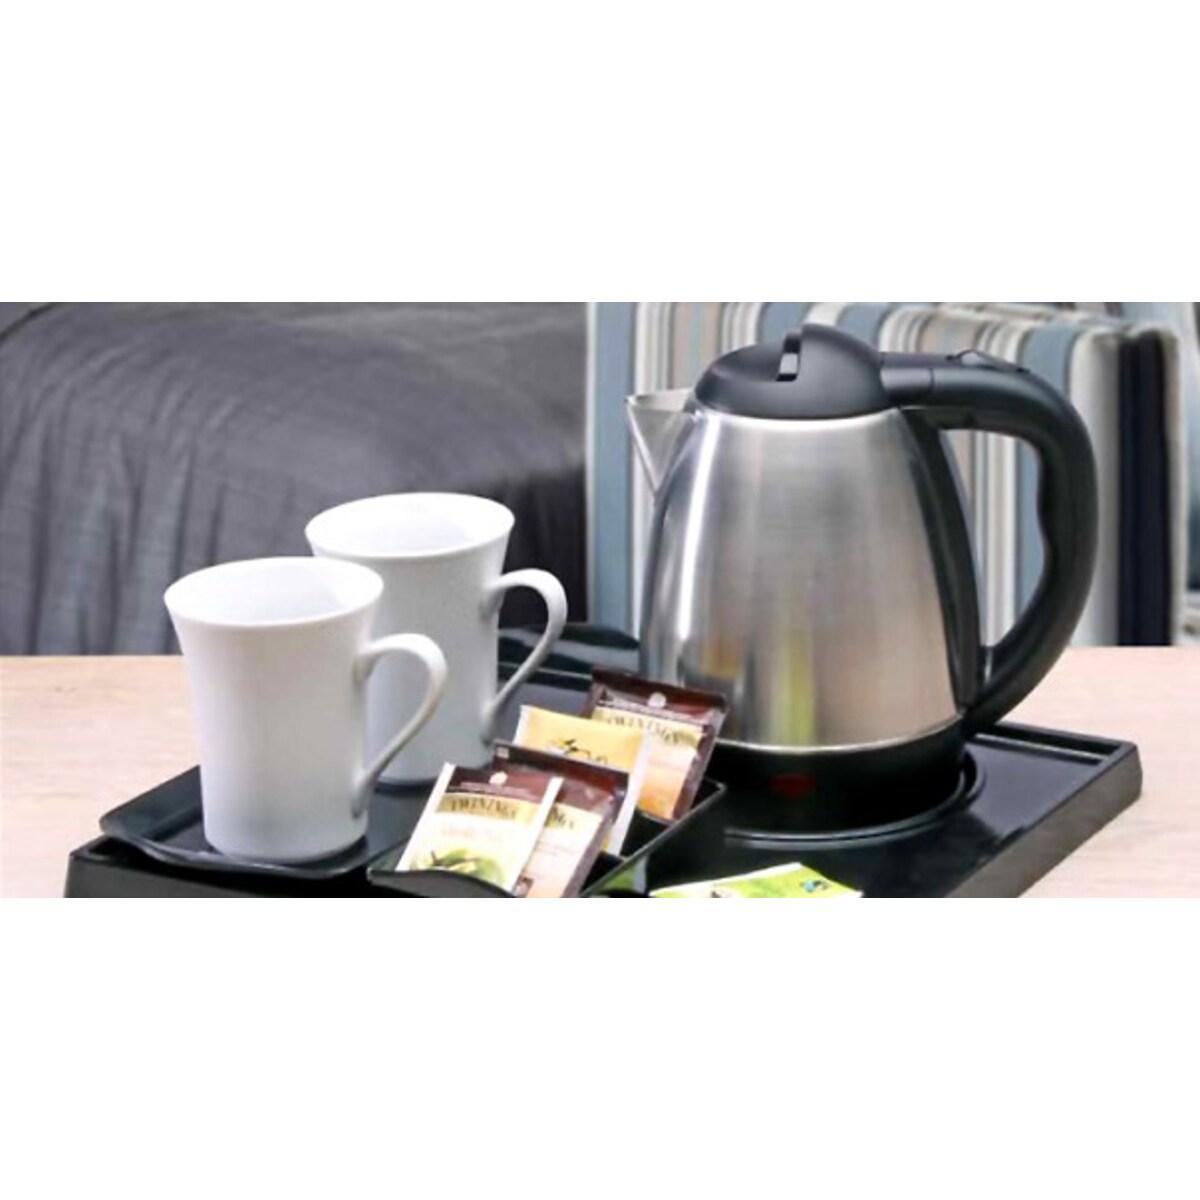 Електрическа кана с луксозна табла поставка за кафе и чай